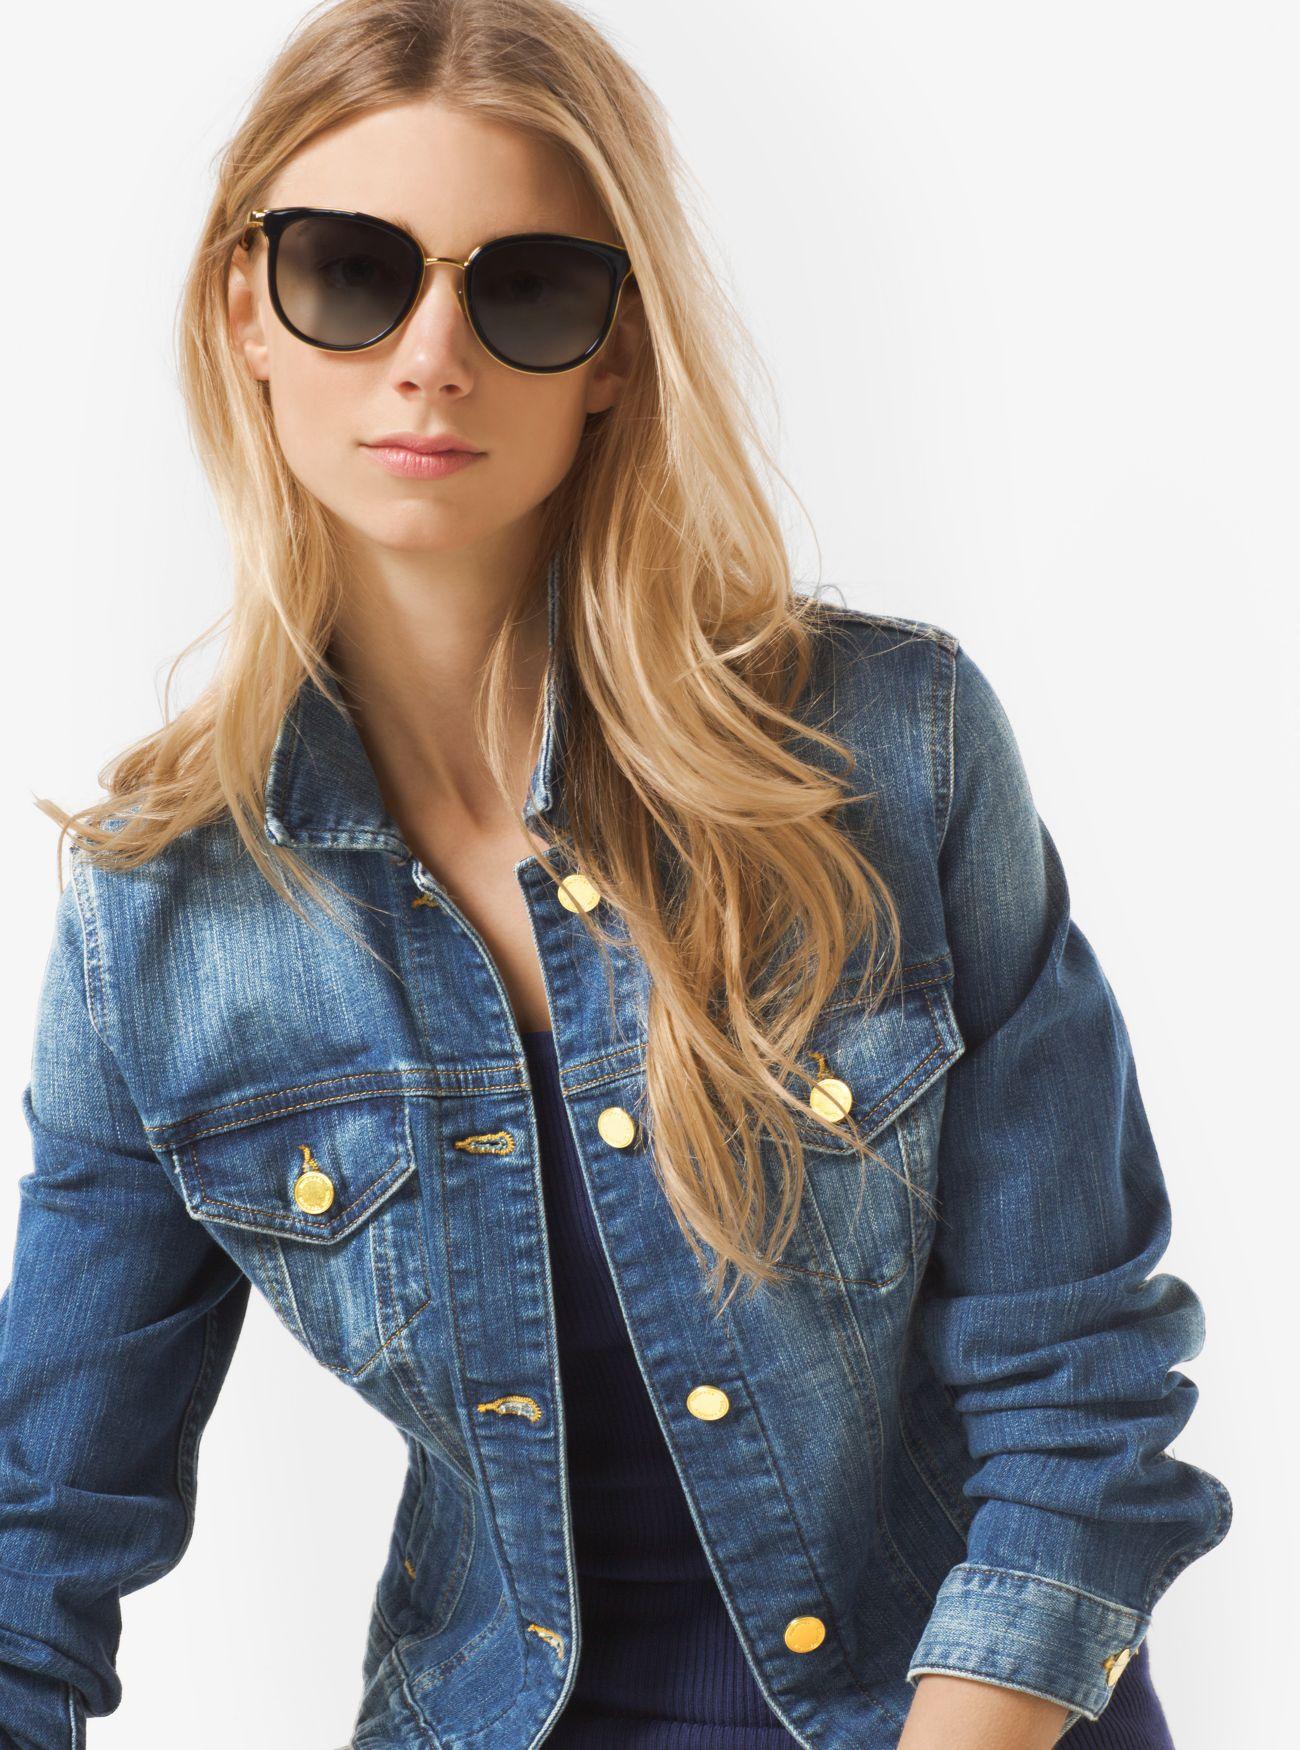 39af50eec92 ... Gafas de sol Adrianna I. Michael Kors